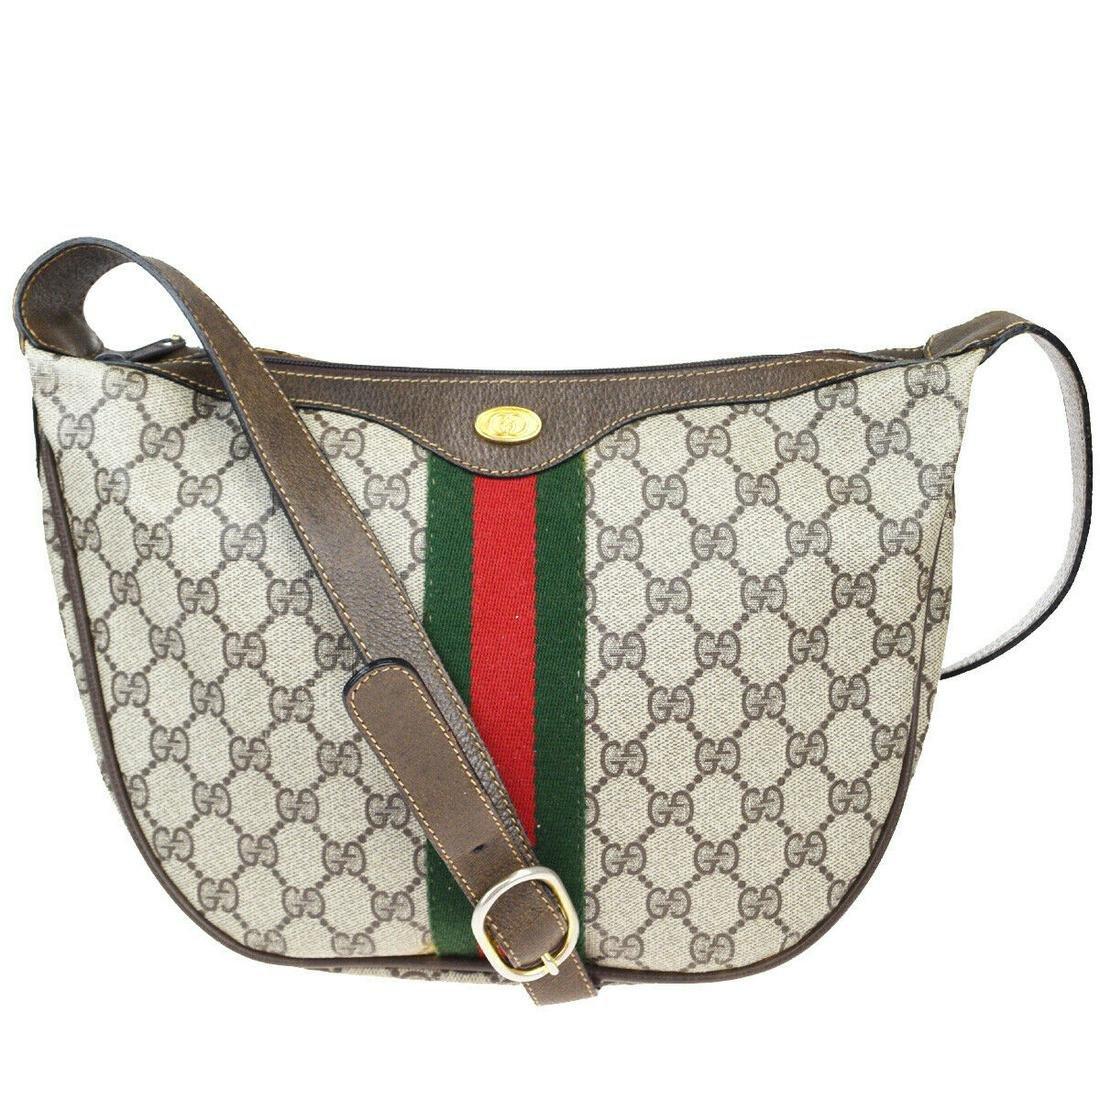 Authentic GUCCI Leather, PVC Shoulder Bag